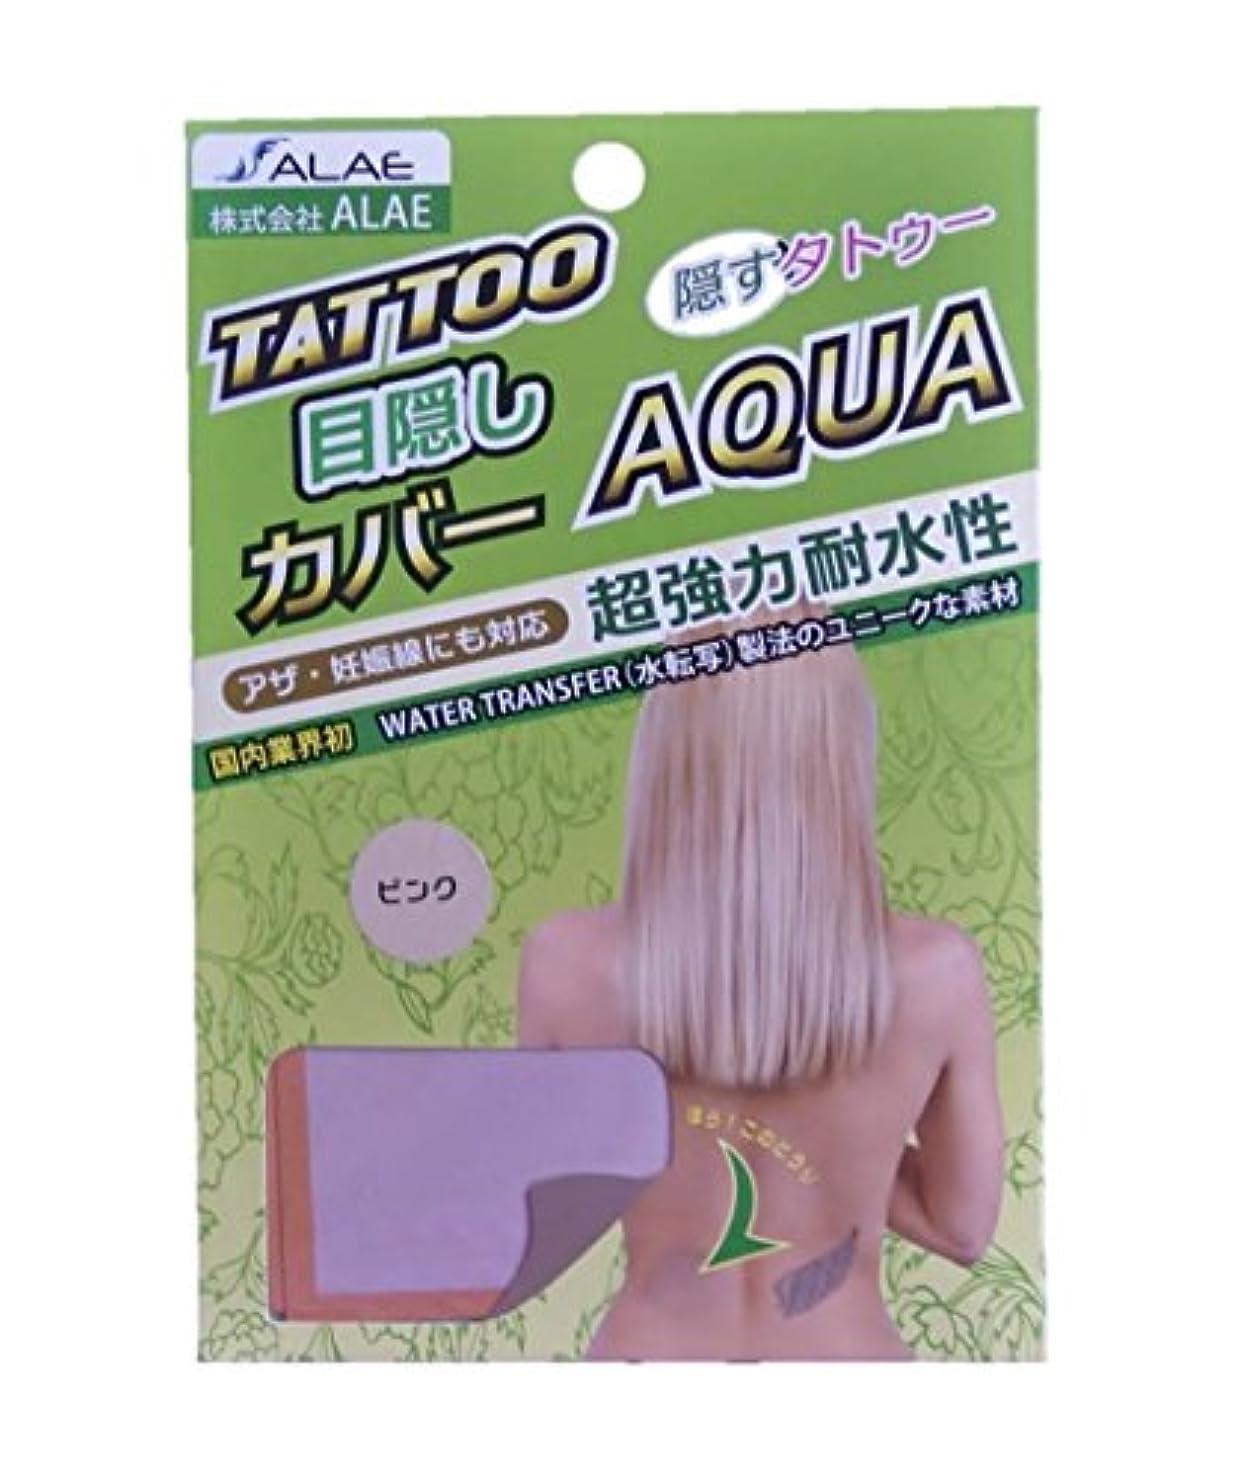 ハックサラミ亡命TattooカバーAQUA (ピンク)